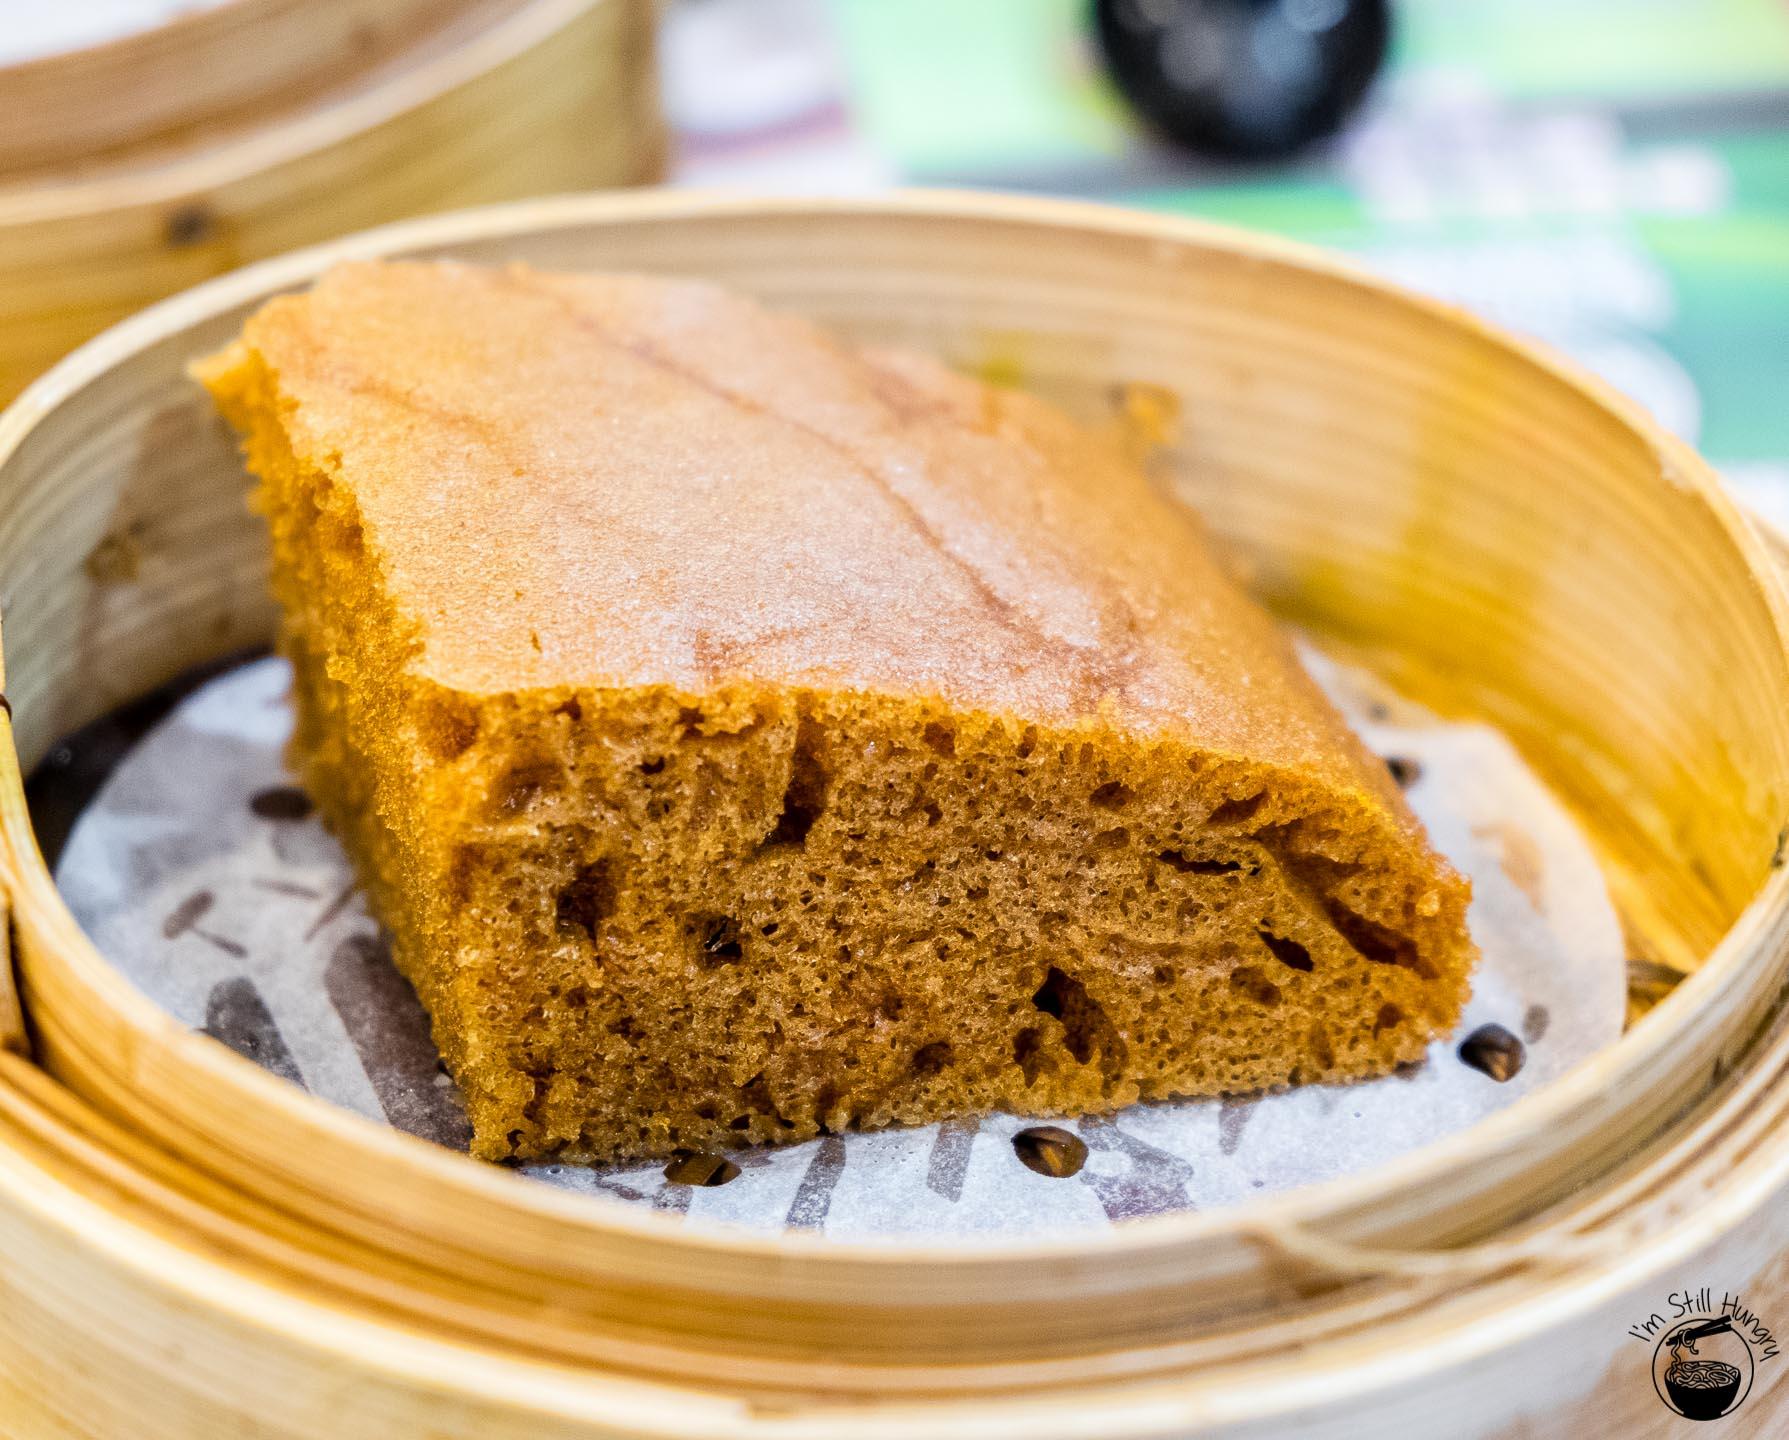 Tim Ho Wan Hong Kong Steamed egg cake